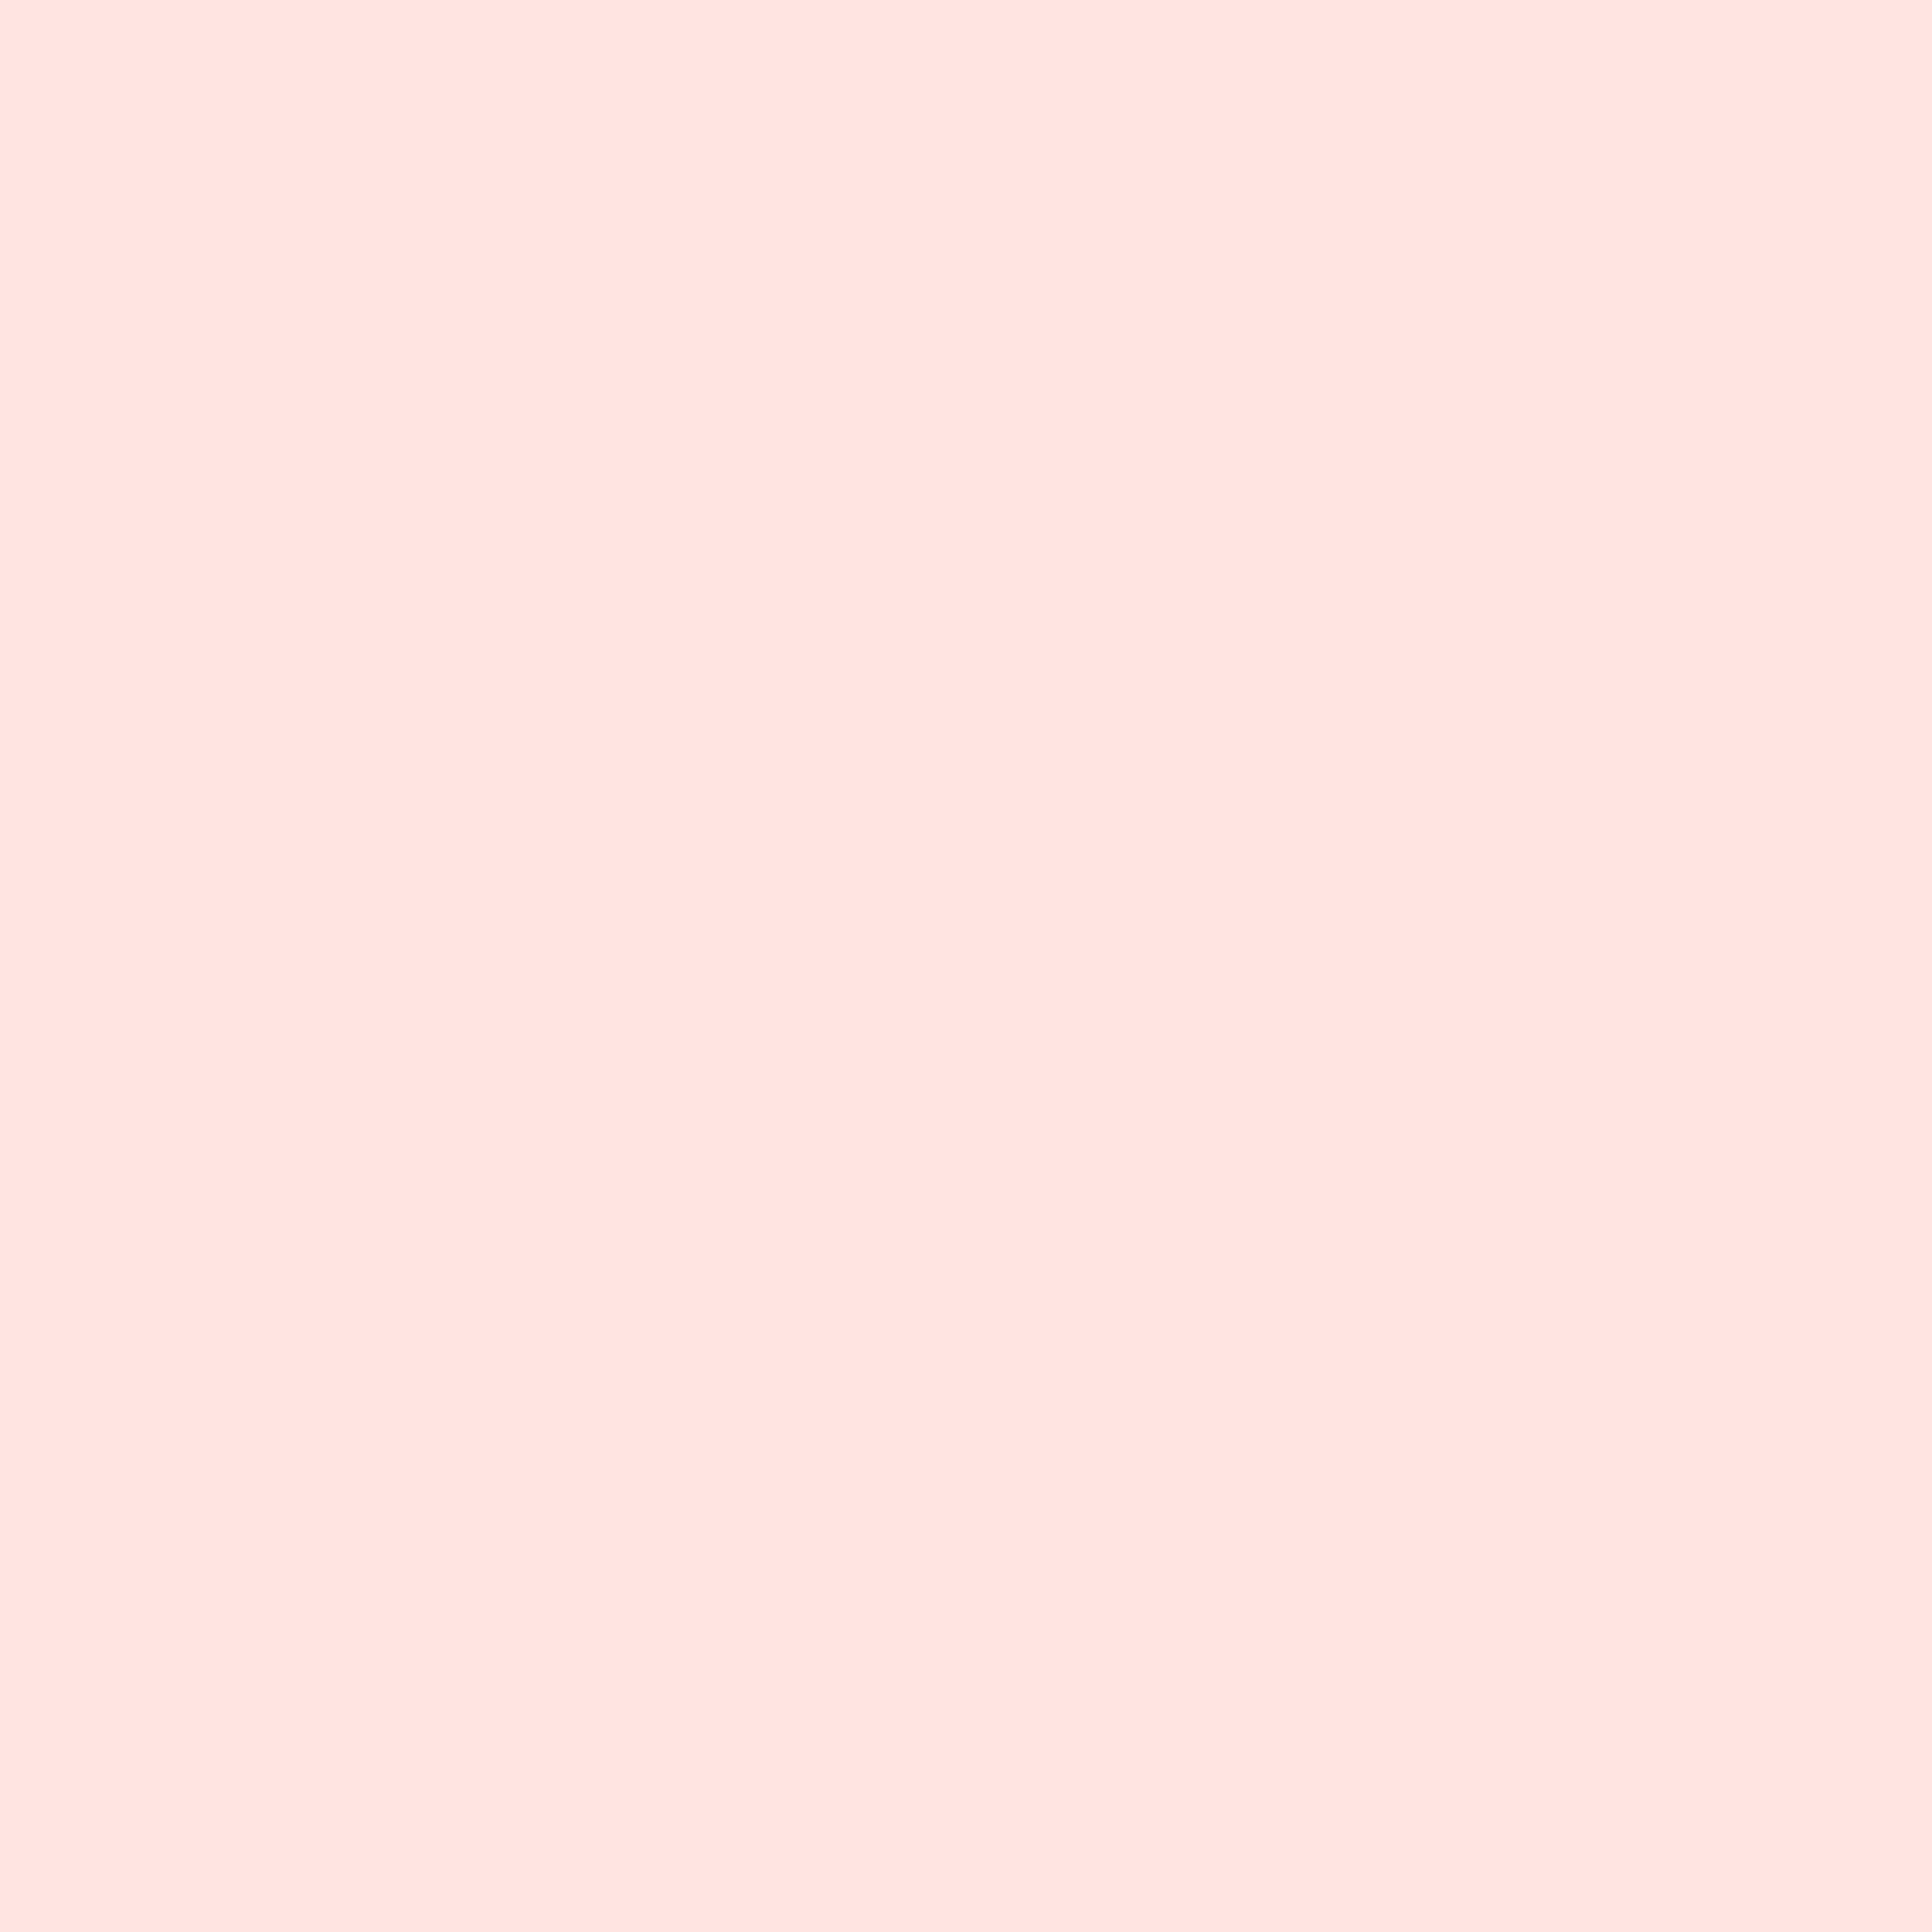 2048x2048 Misty Rose Solid Color Background